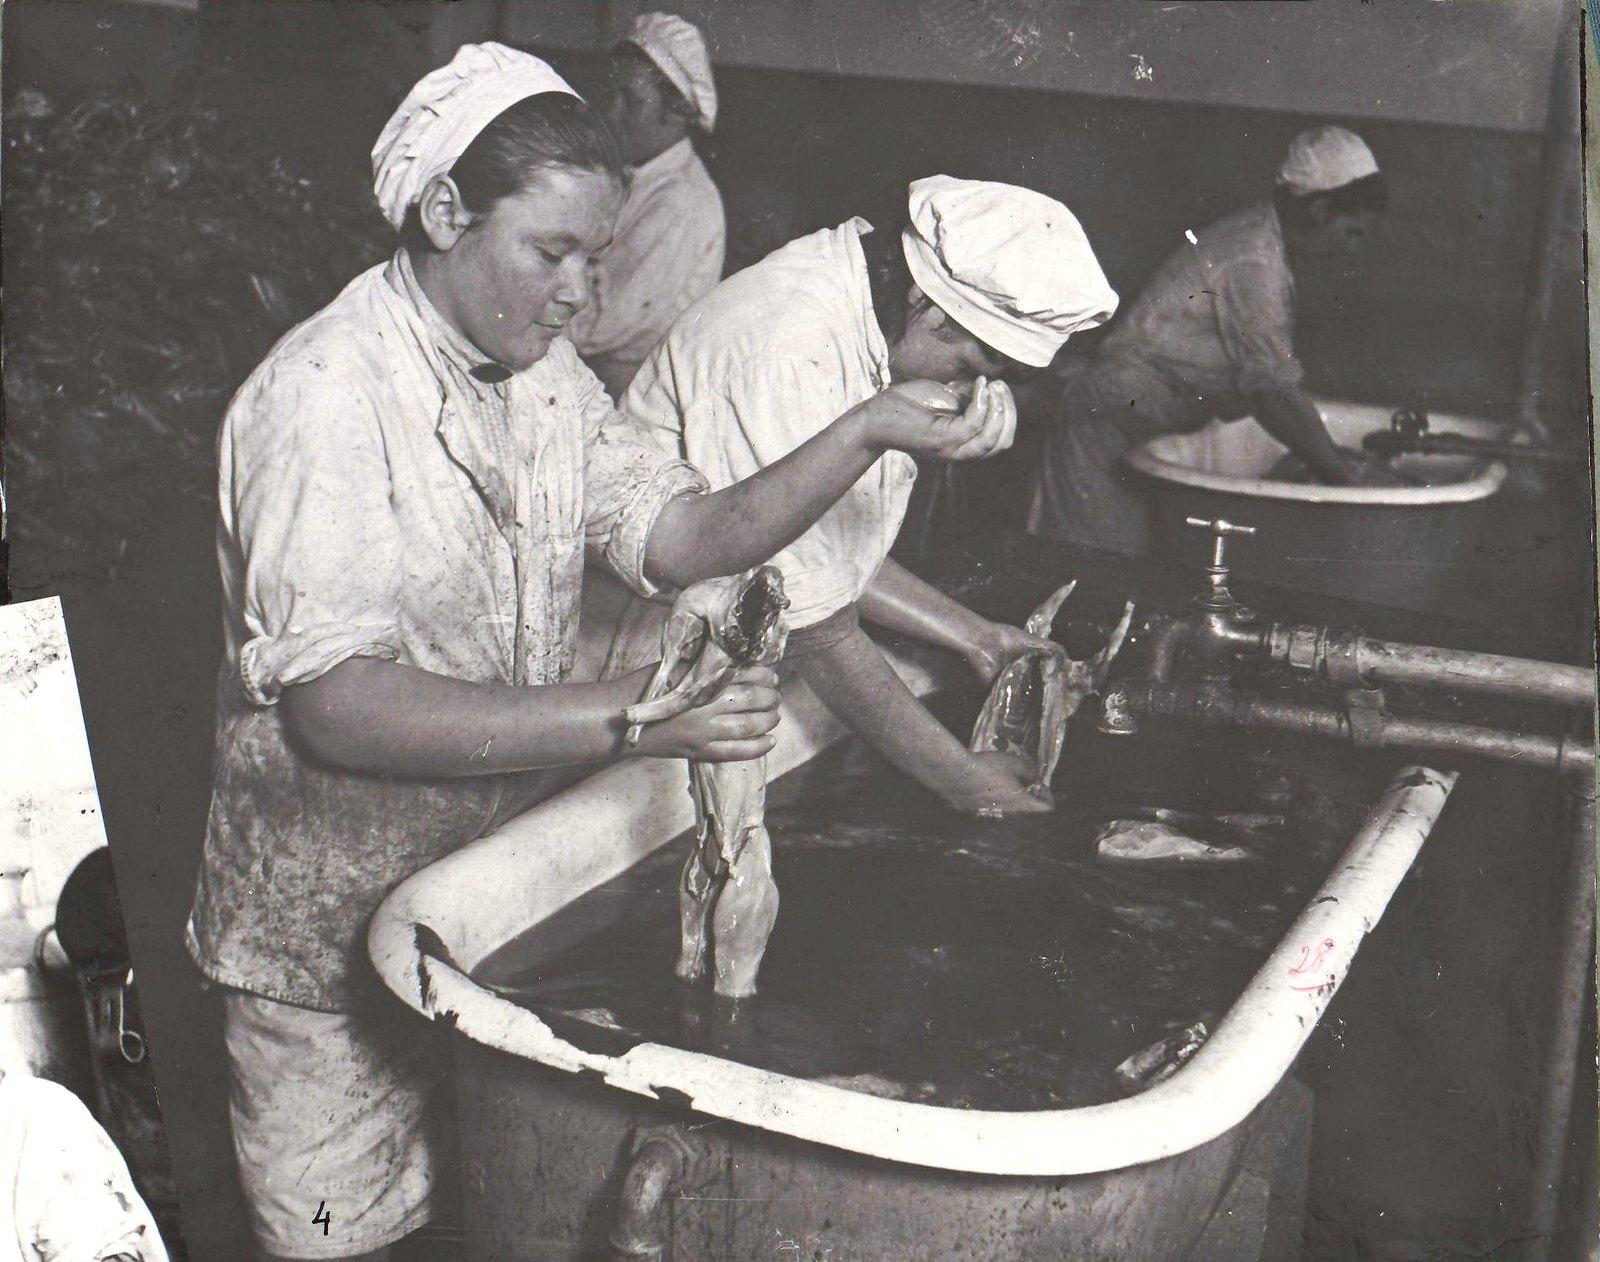 Сталинград. Фабрика-кухня. Обработка кролика перед передачей его на кухню